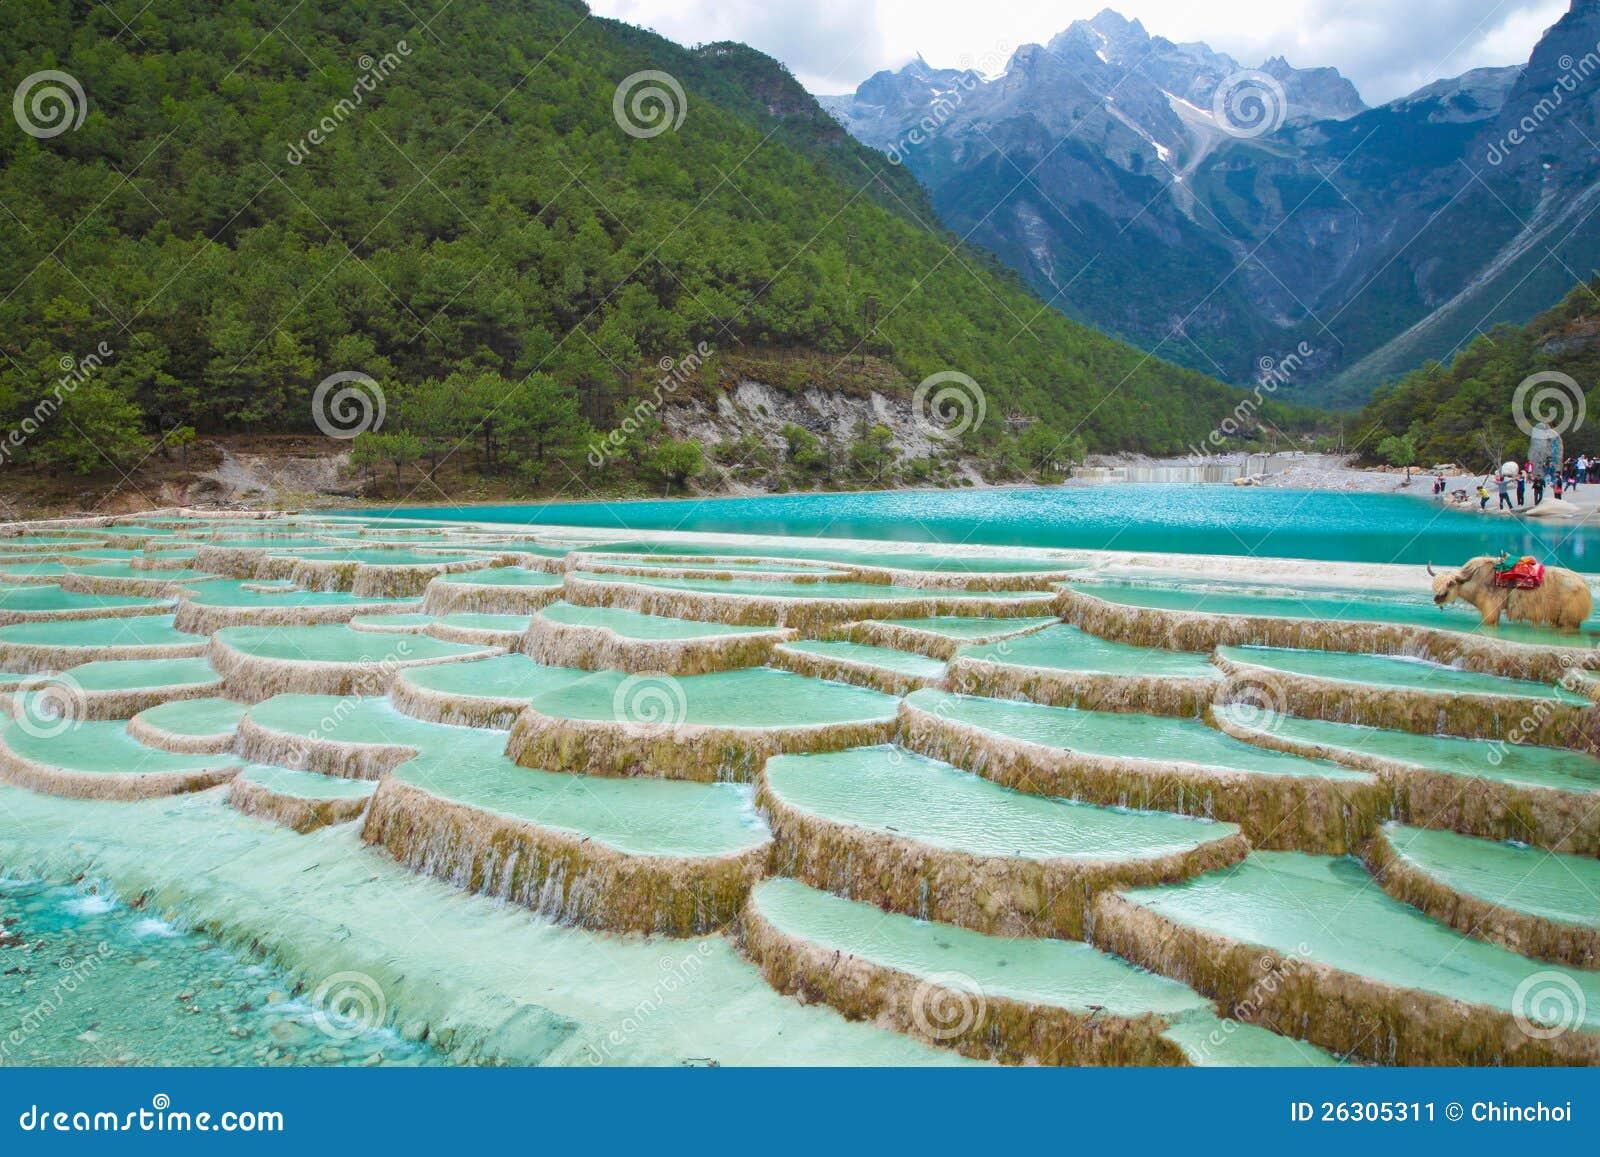 Lijiang China  city photos : ... Water River Waterfall At Lijiang China Stock Image Image: 26305311